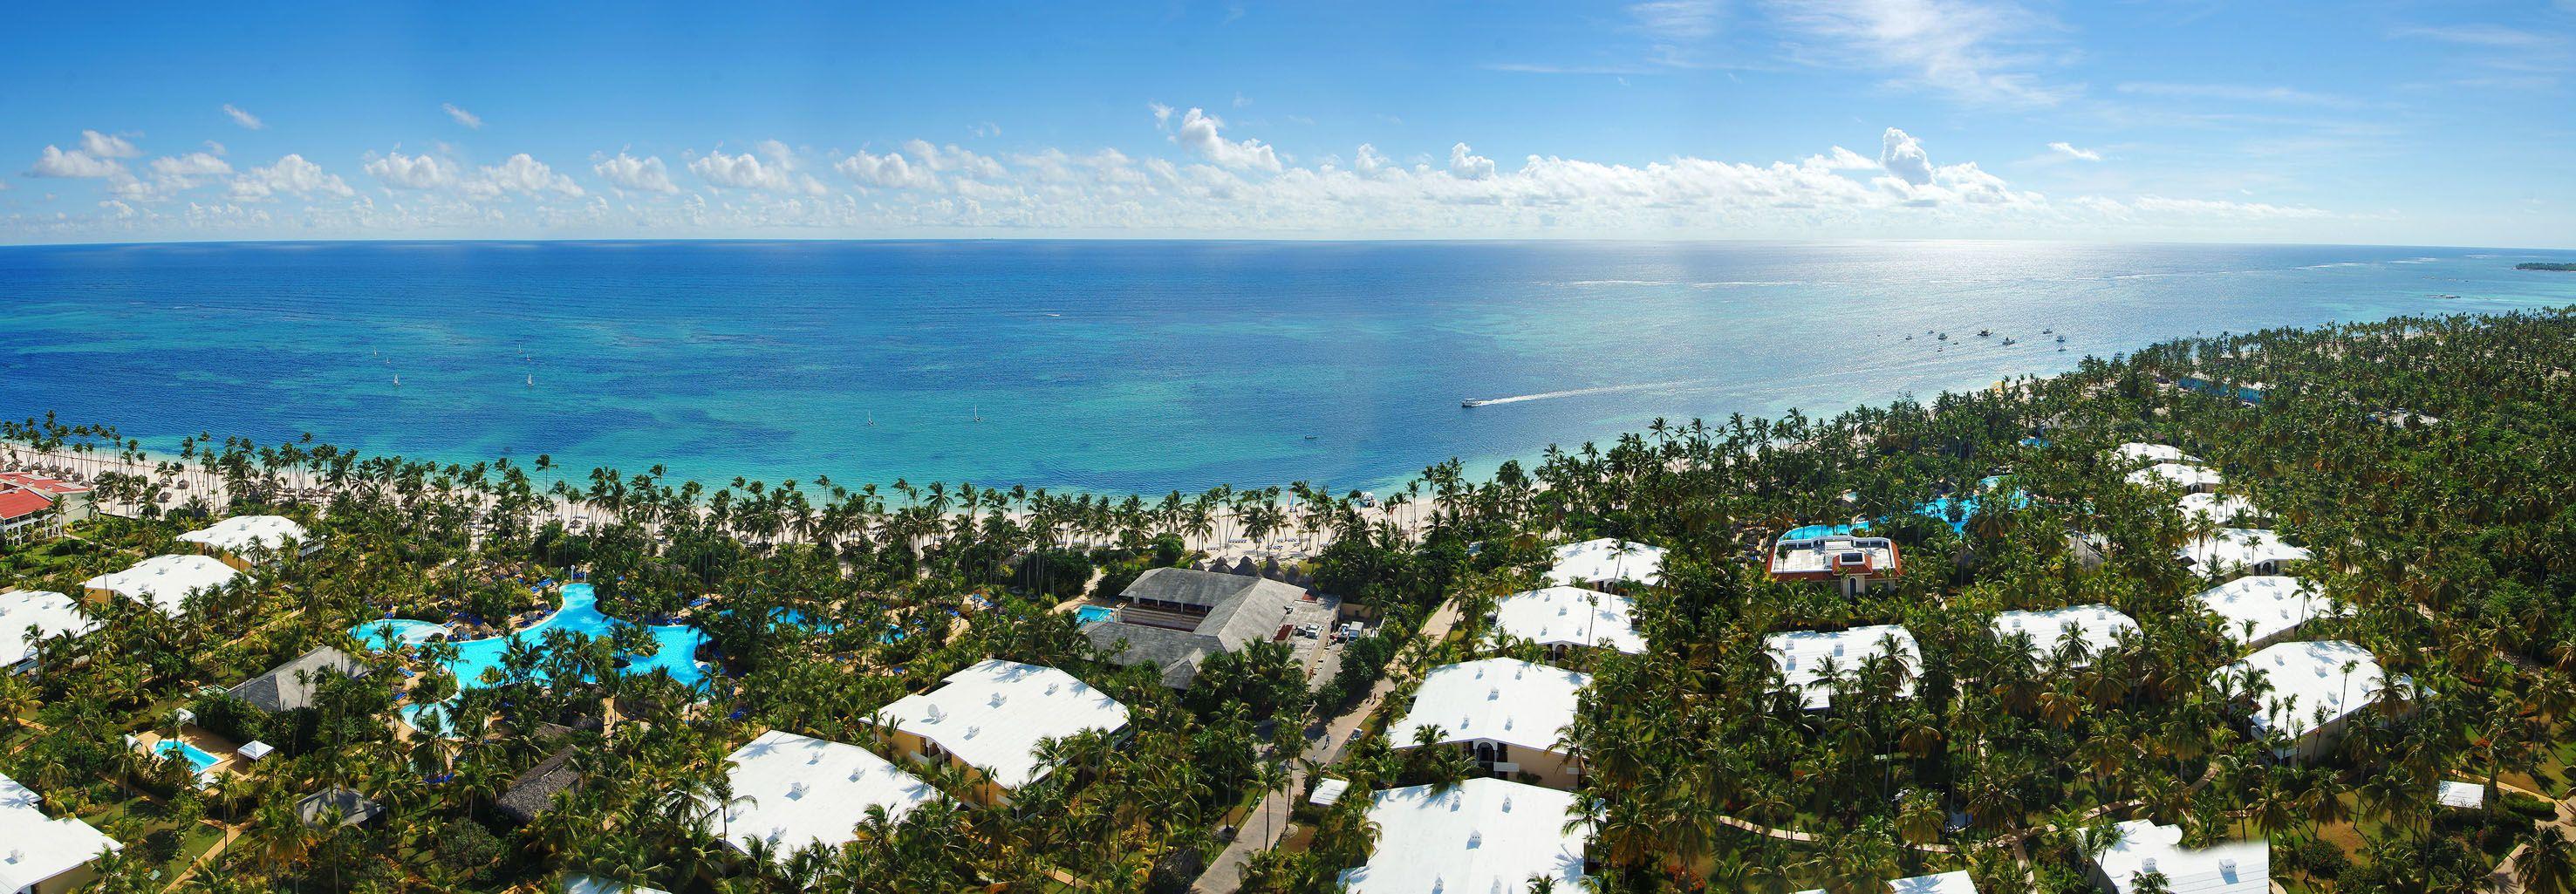 Melia carib tropical 5 en r publique dominicaine grand for Hotel de chaine